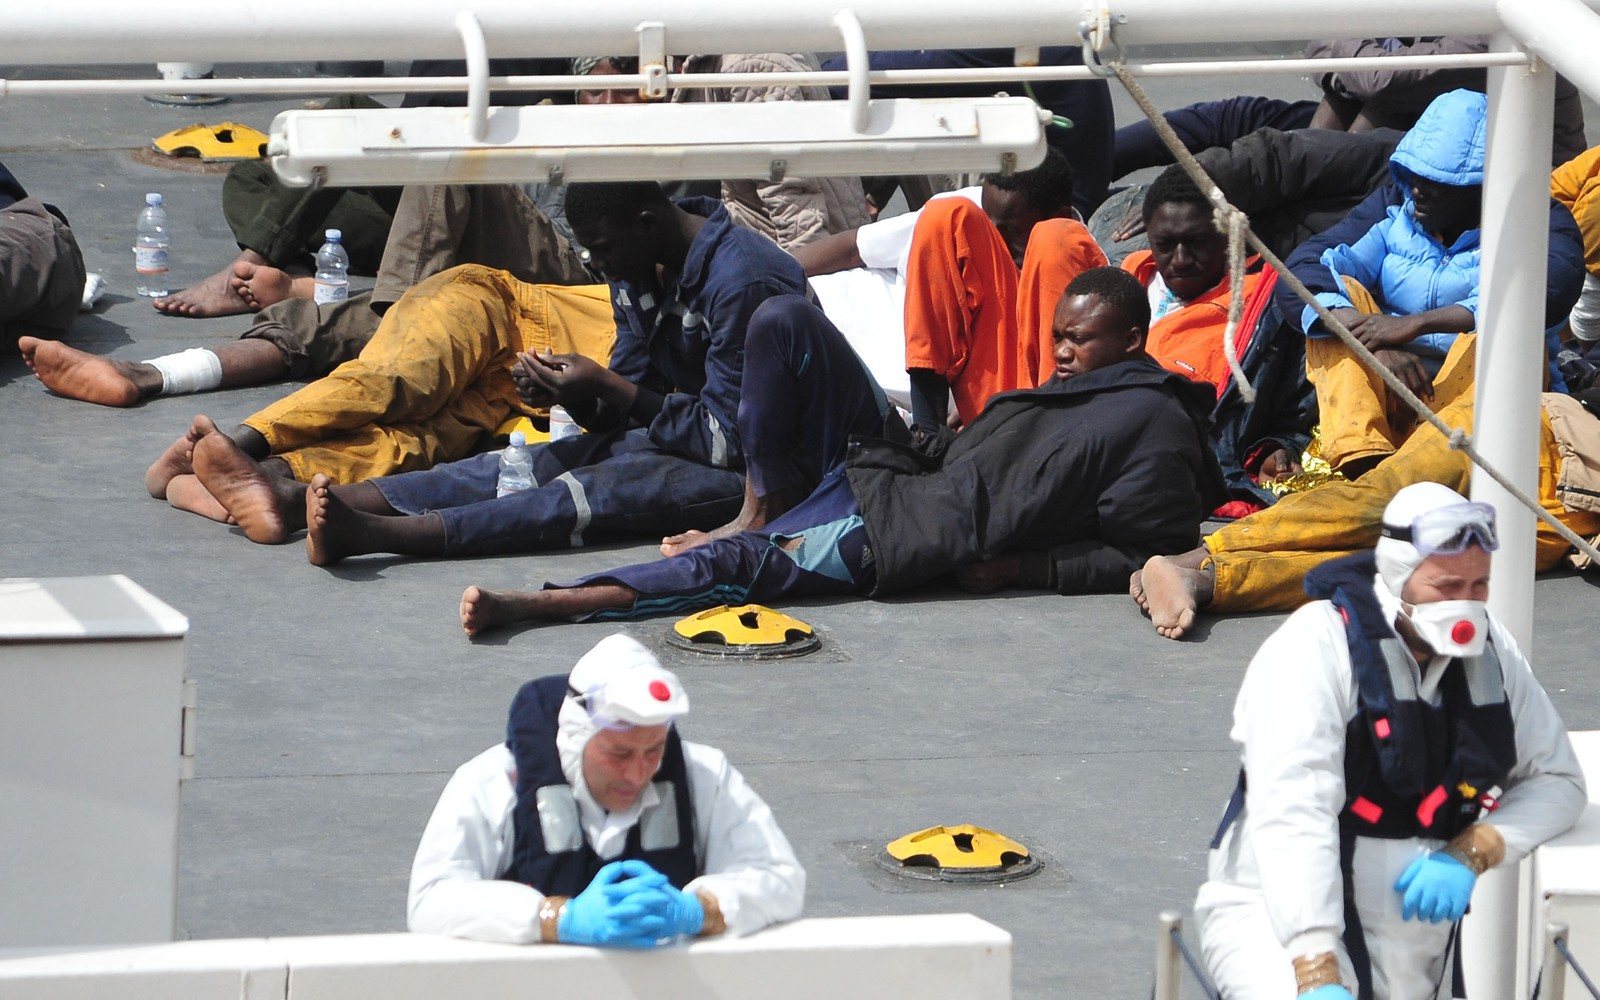 Flyktninger som overlevde søndagens havari sør for Malta, kommer inn til Valetta på Malta 20. april 2015 ombord på et italiensk kystvaktskip.